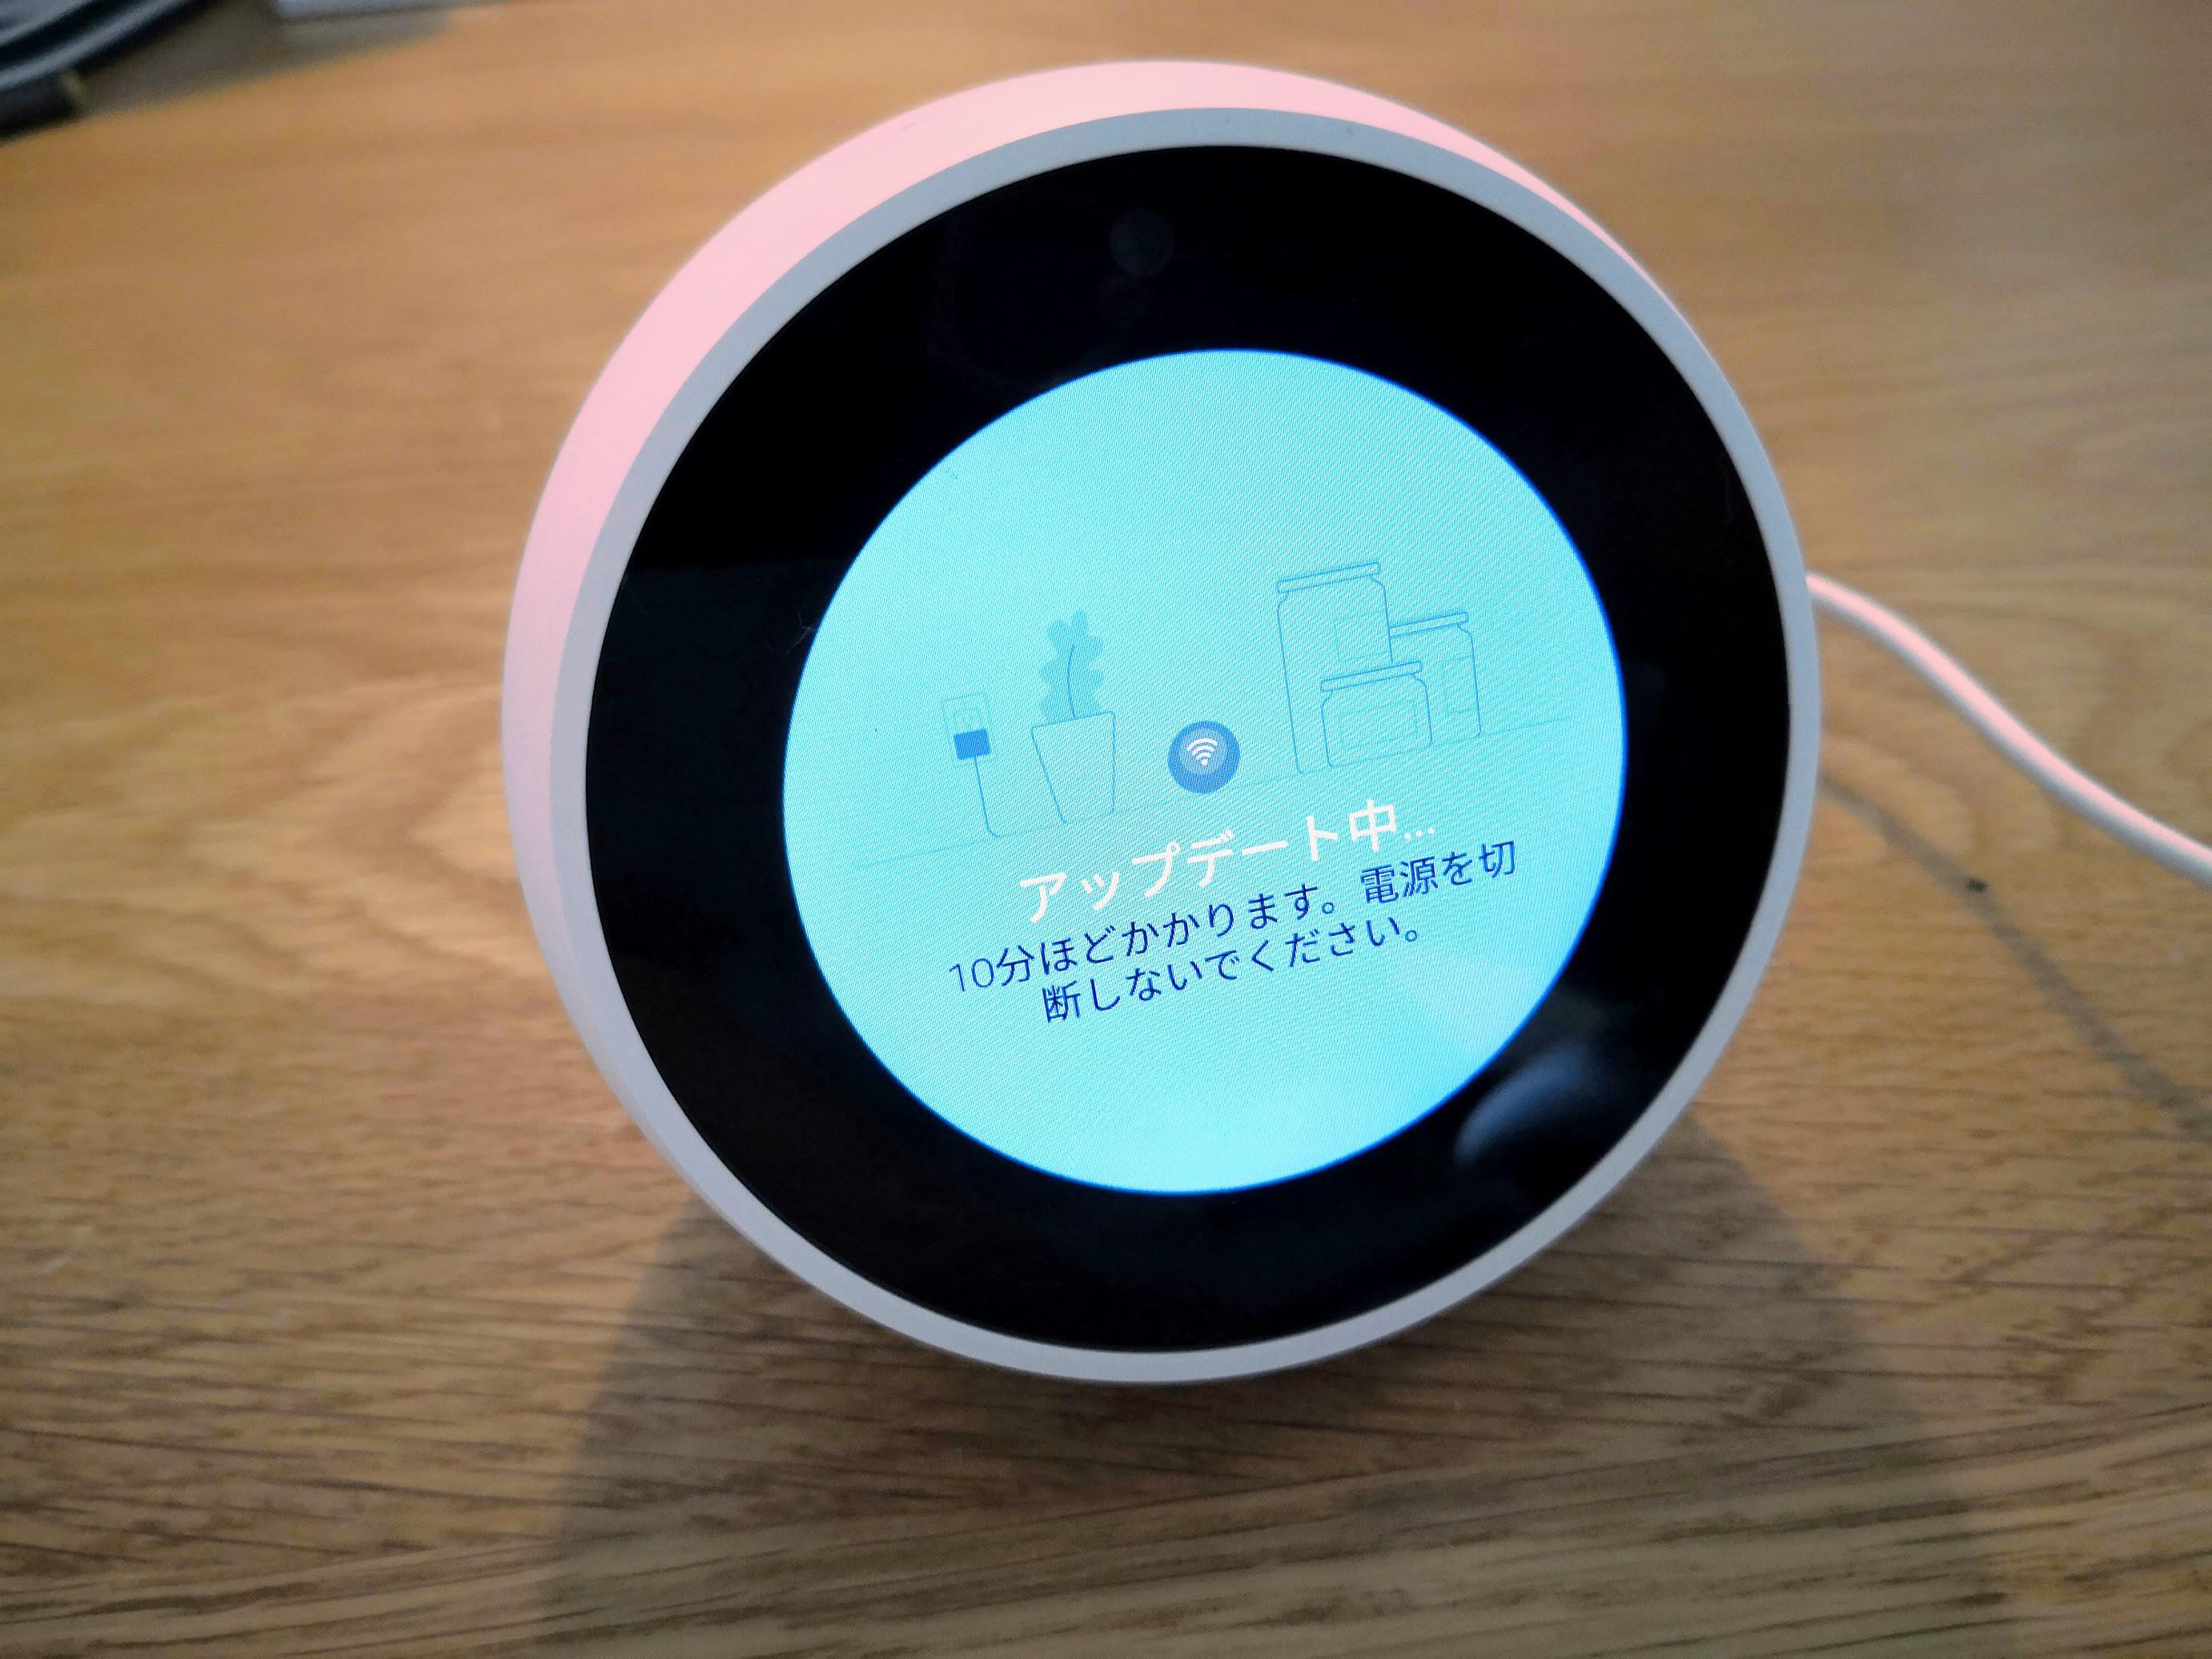 Amazon Echo Spotの画面④